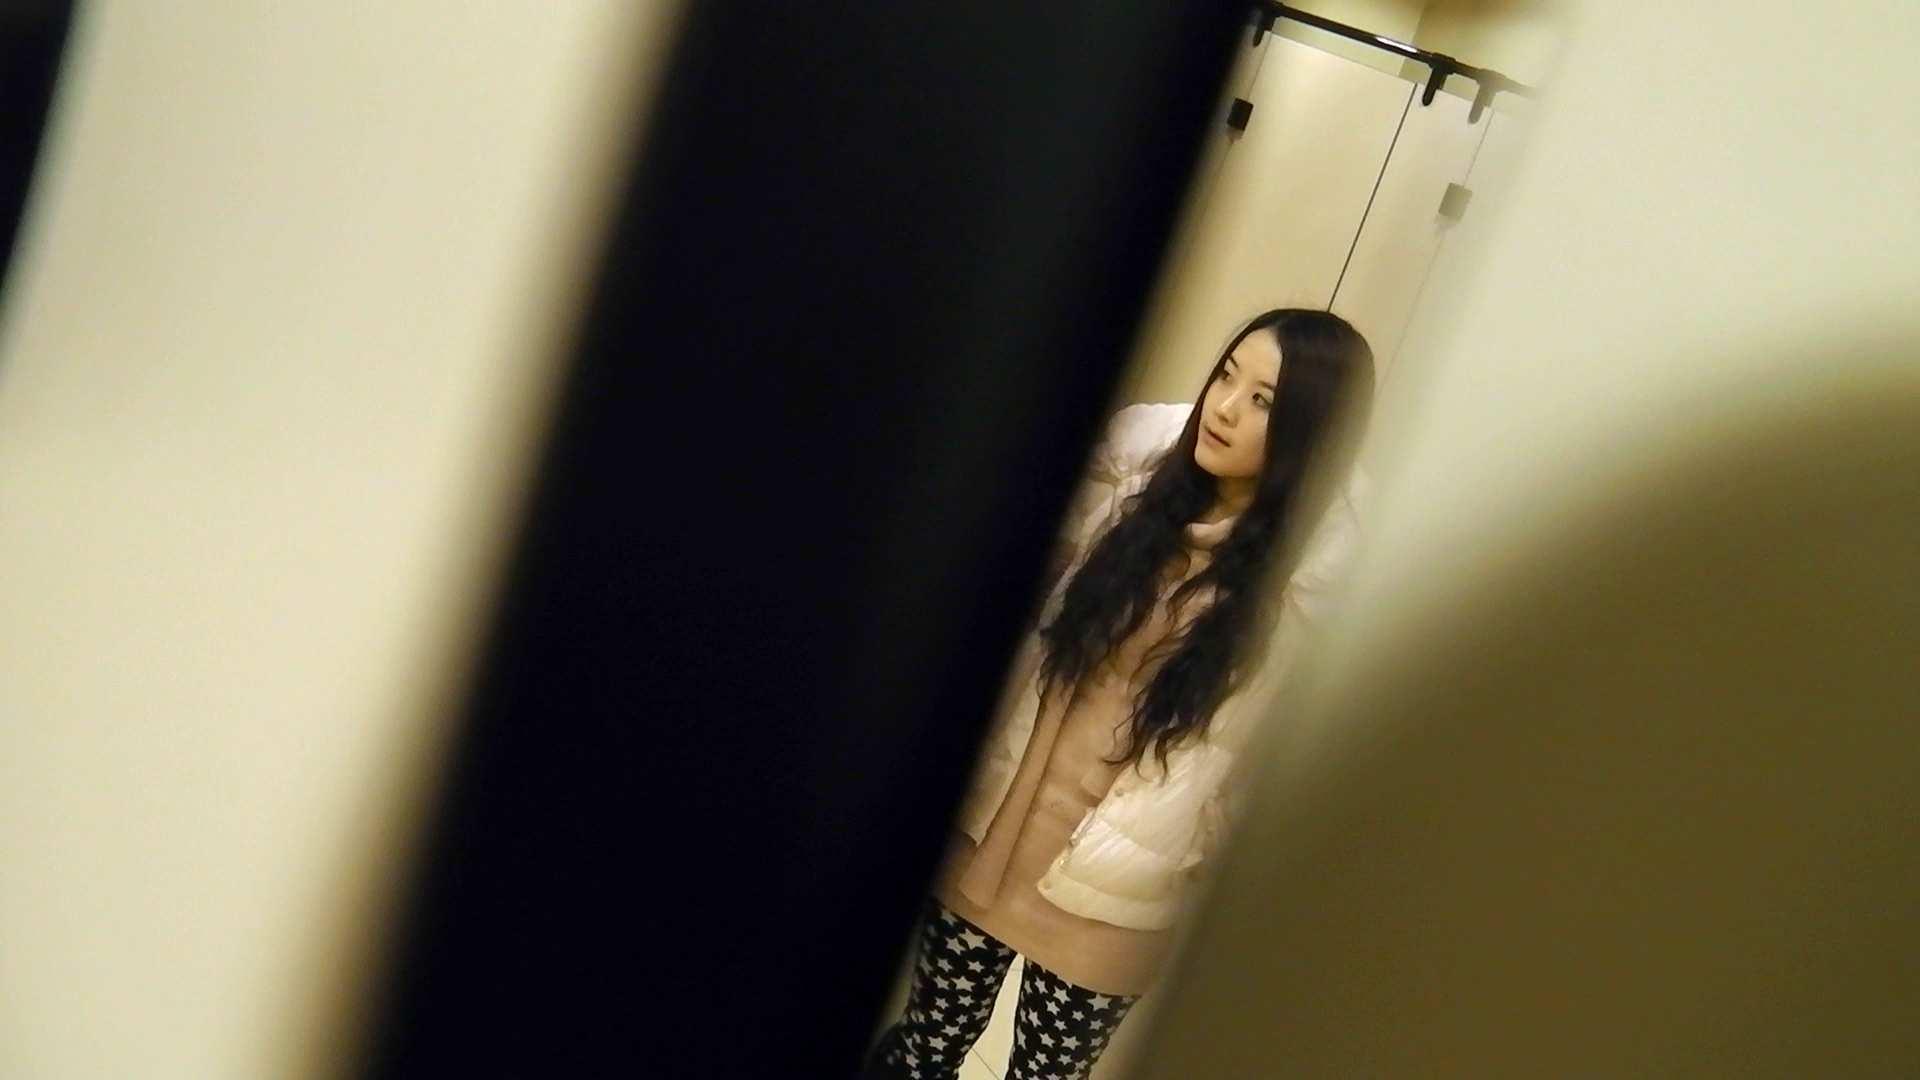 世界の射窓から vol.1 お姉さんのSEX AV無料動画キャプチャ 89枚 63